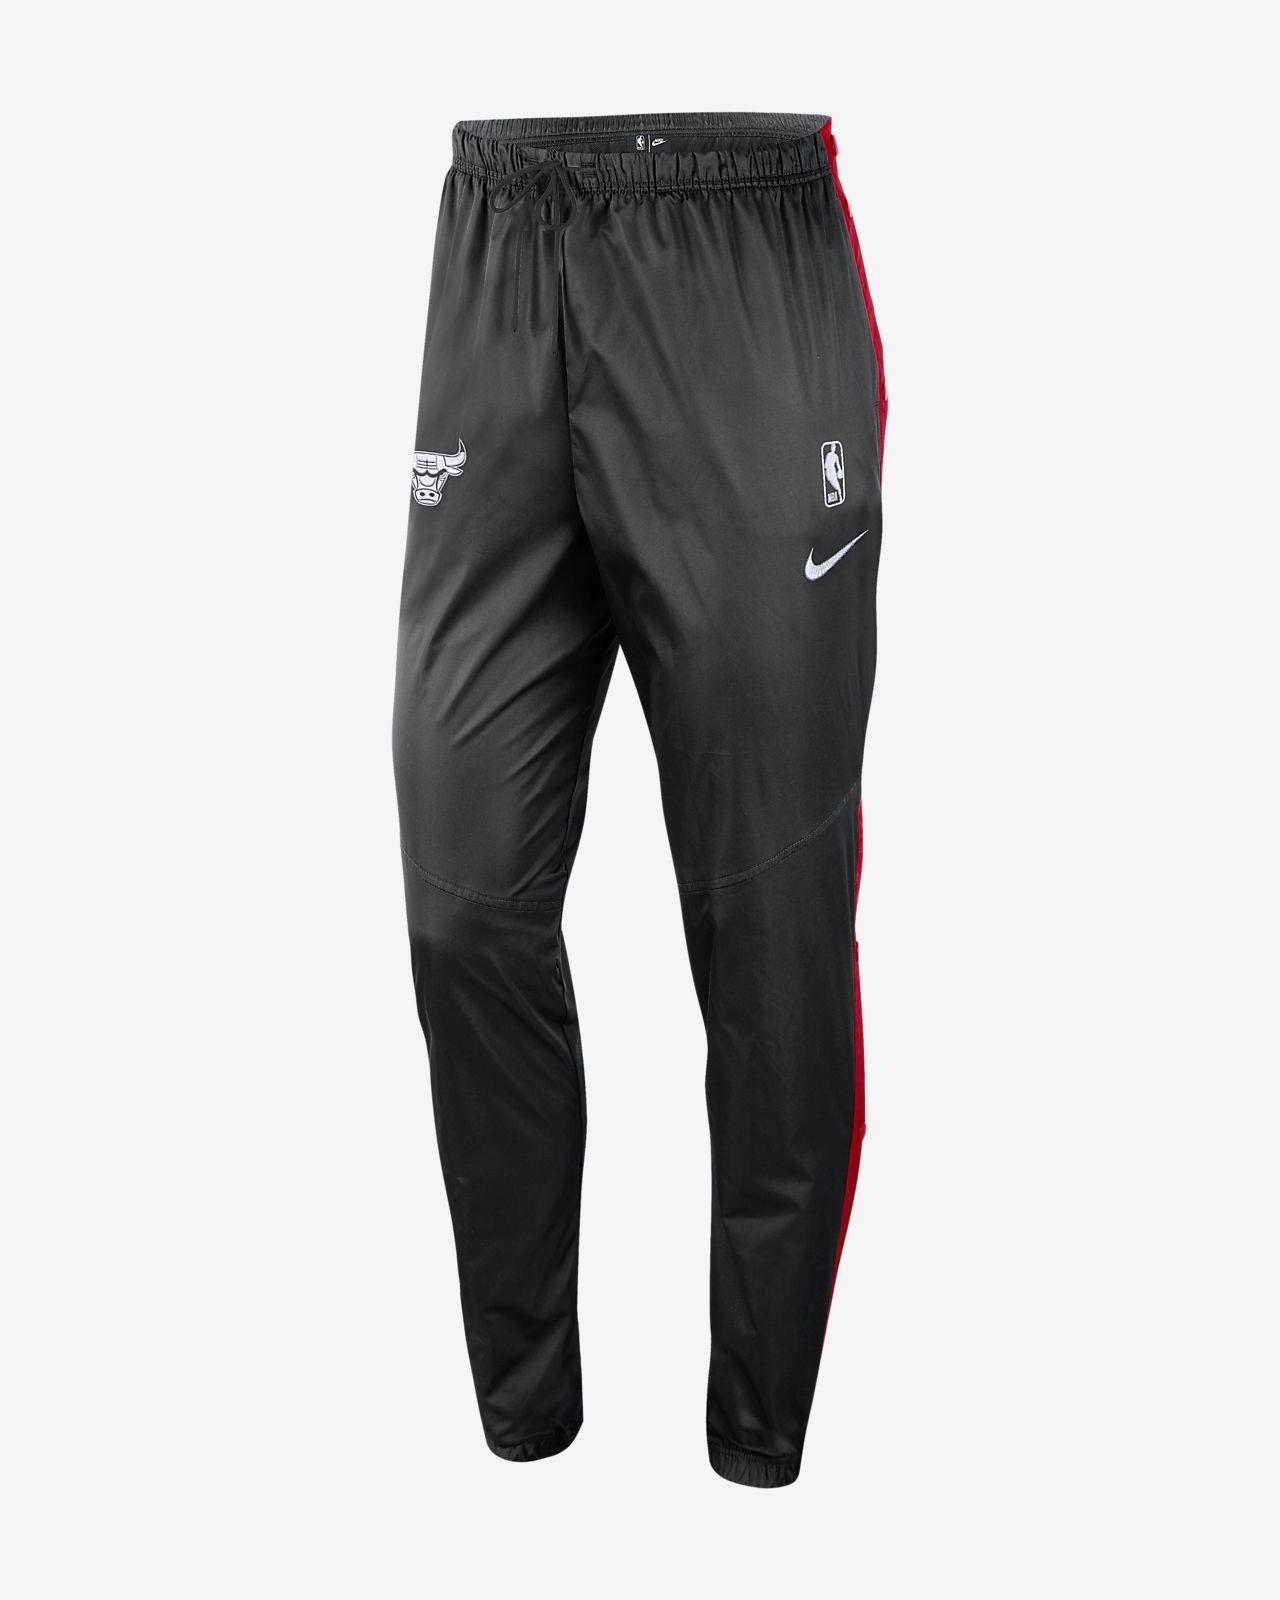 Γυναικείο παντελόνι NBA Chicago Bulls Nike